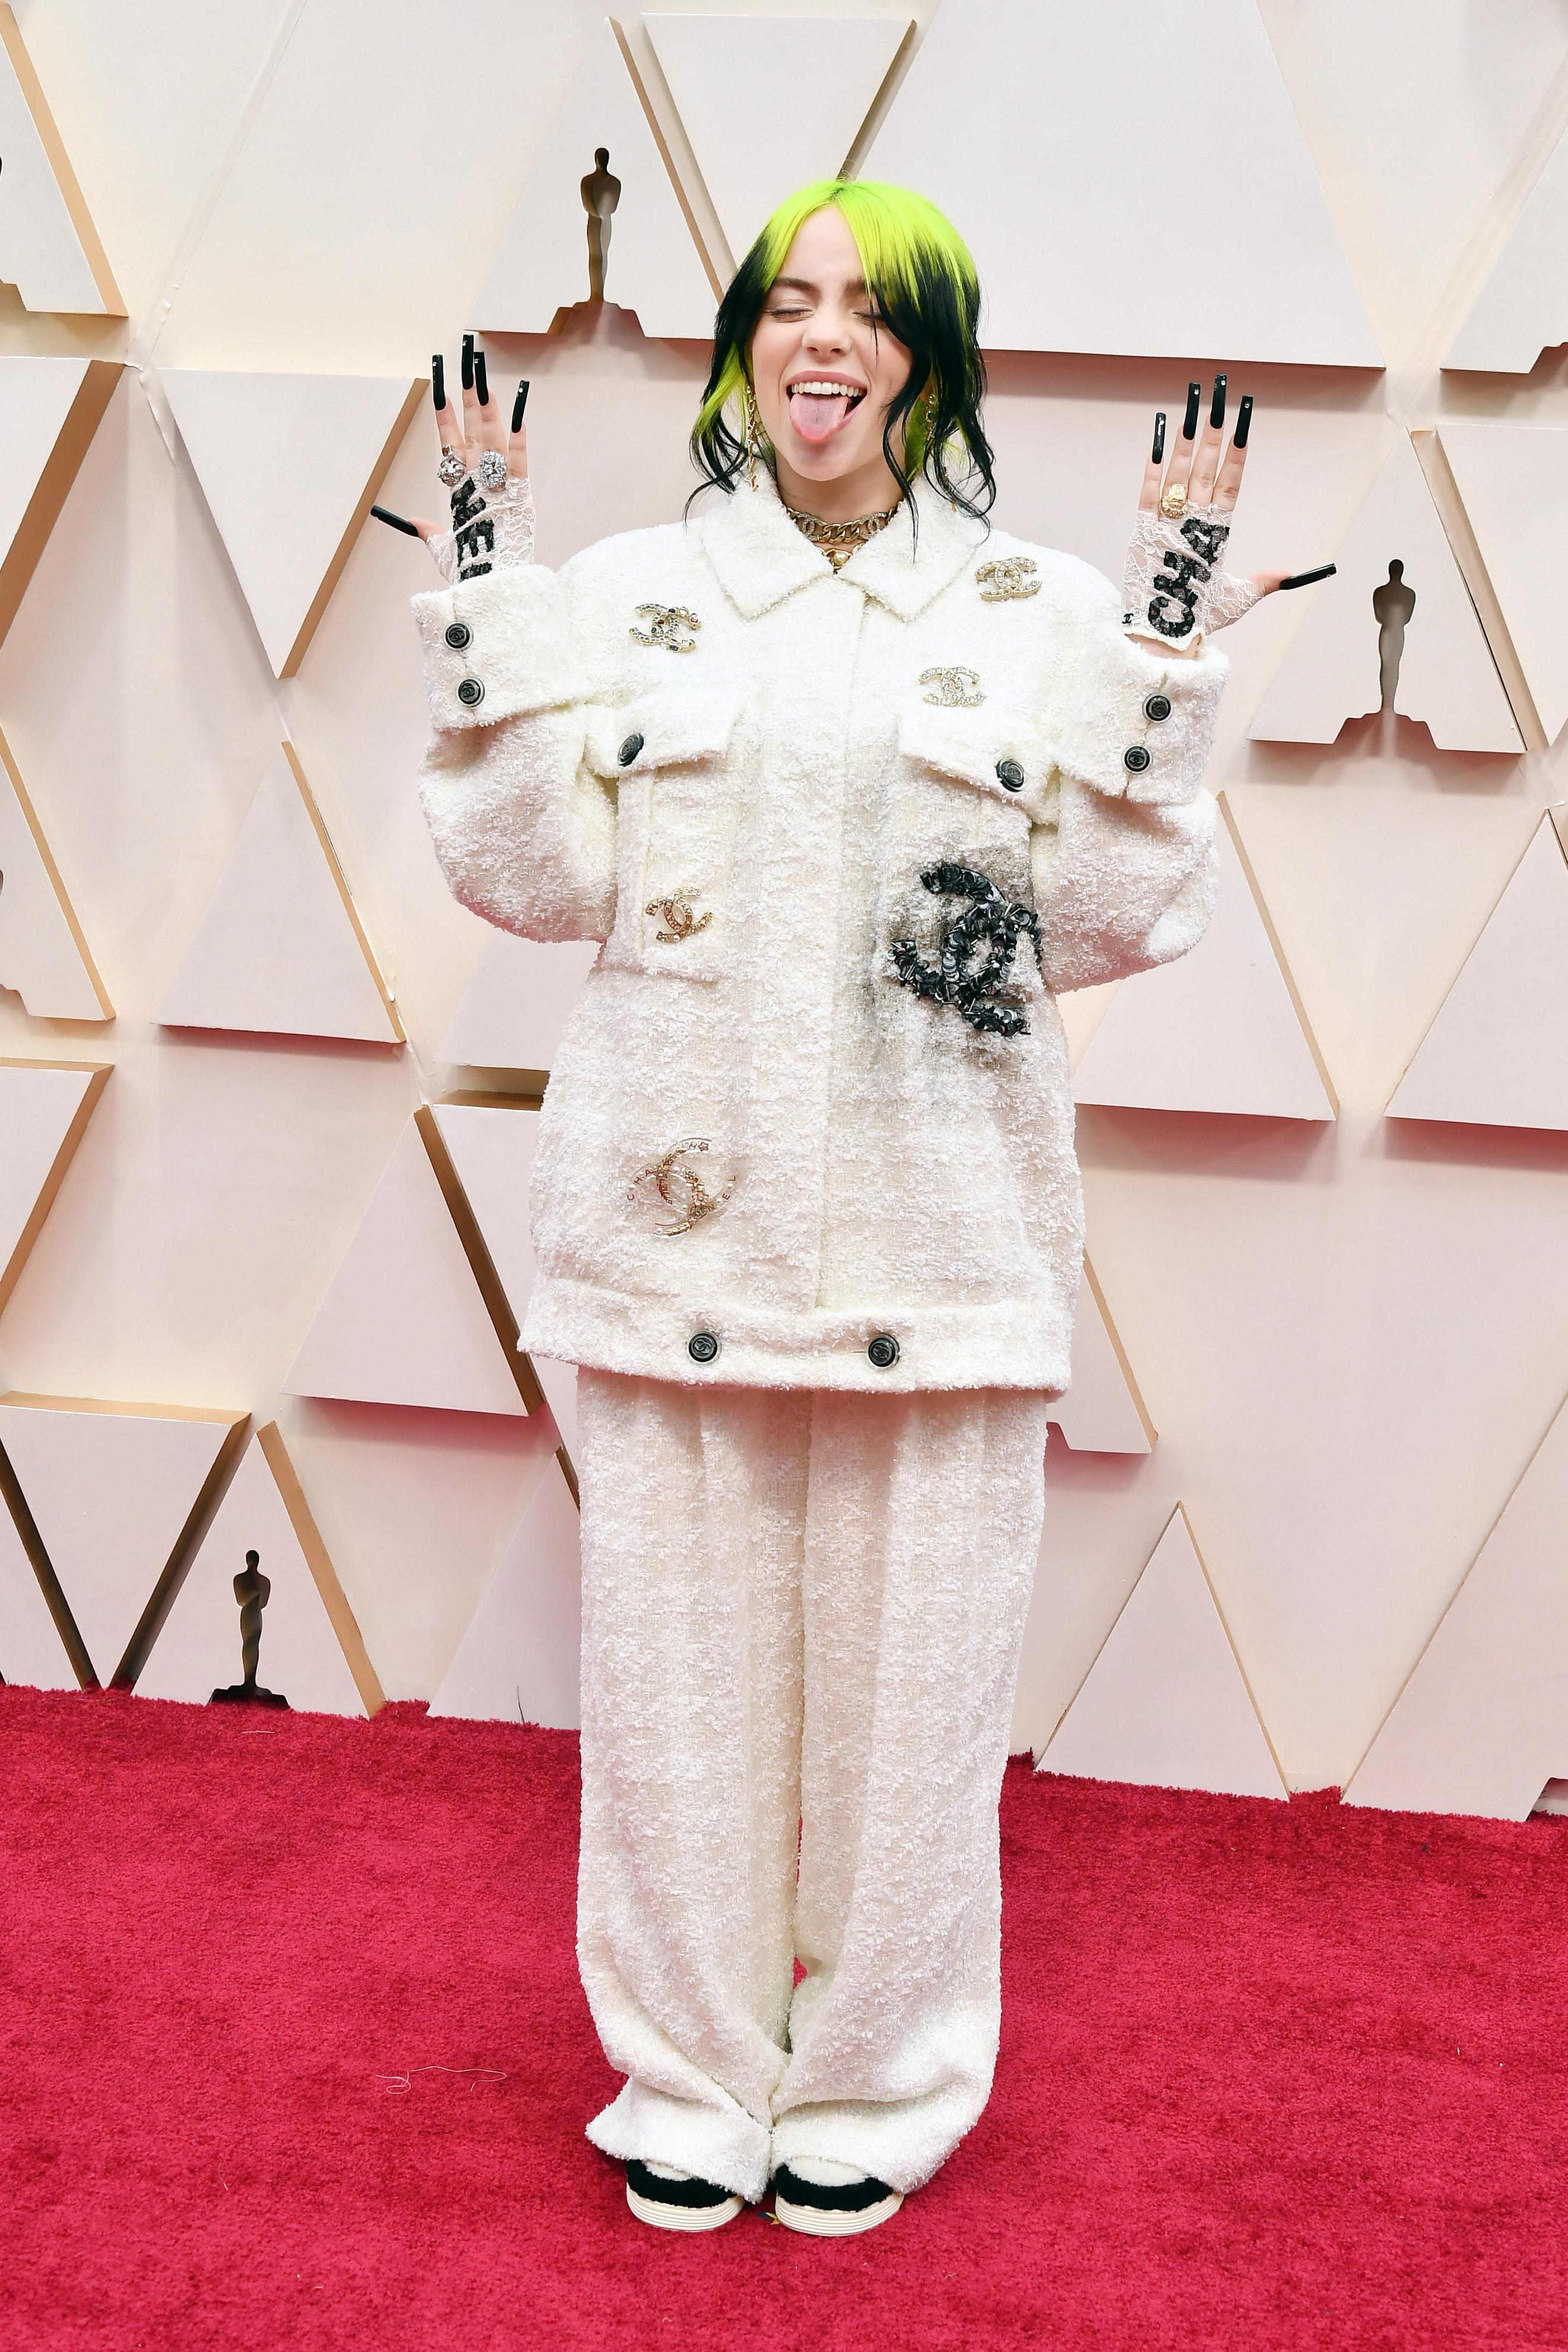 Foto da Billie Eilish no tapete vermelho do Oscar em 2020. Ela usa um conjunto da Chanel branco e tênis. Ela sorri e mostra a língua para a foto.